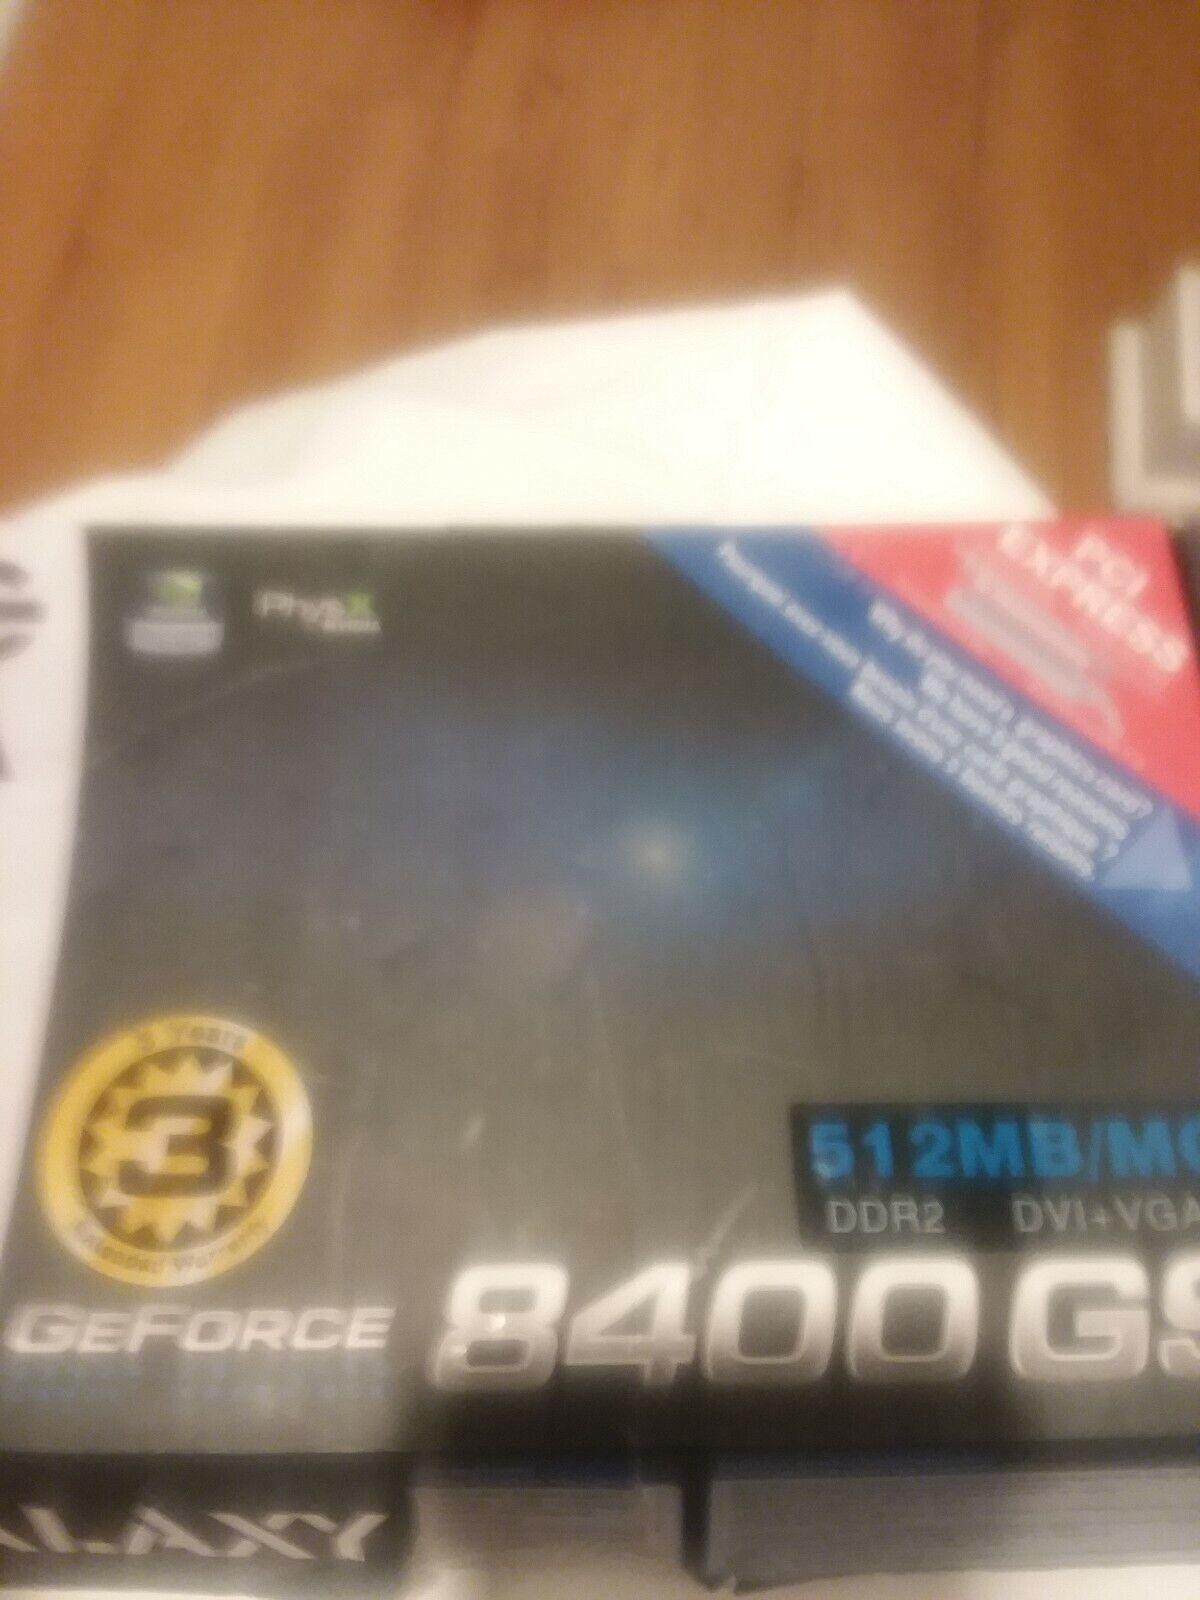 geforce 8400 gs 1gb